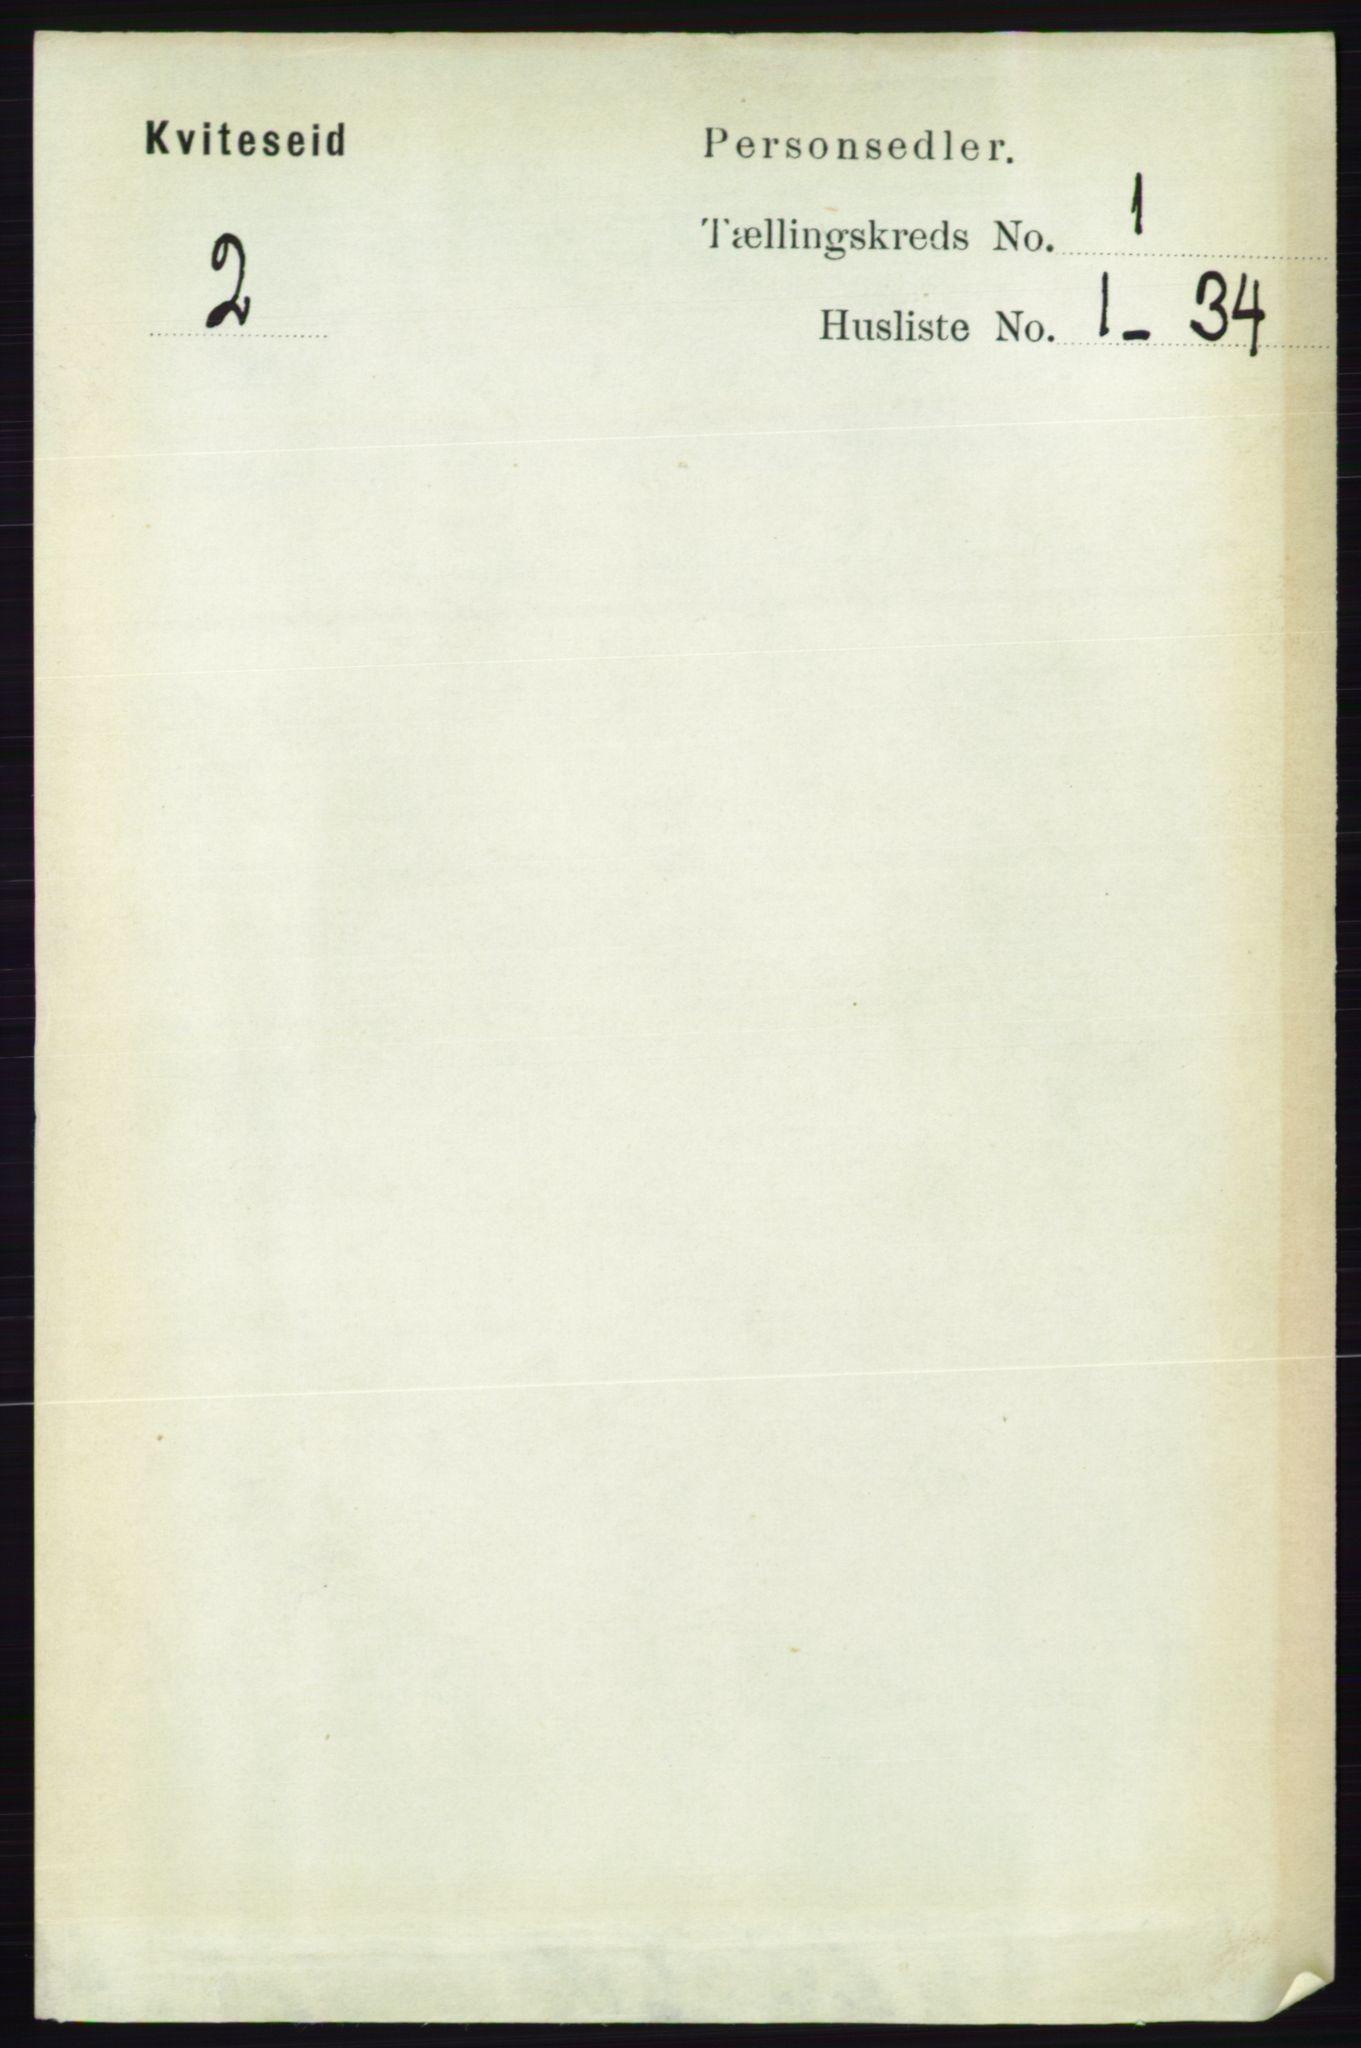 RA, Folketelling 1891 for 0829 Kviteseid herred, 1891, s. 76